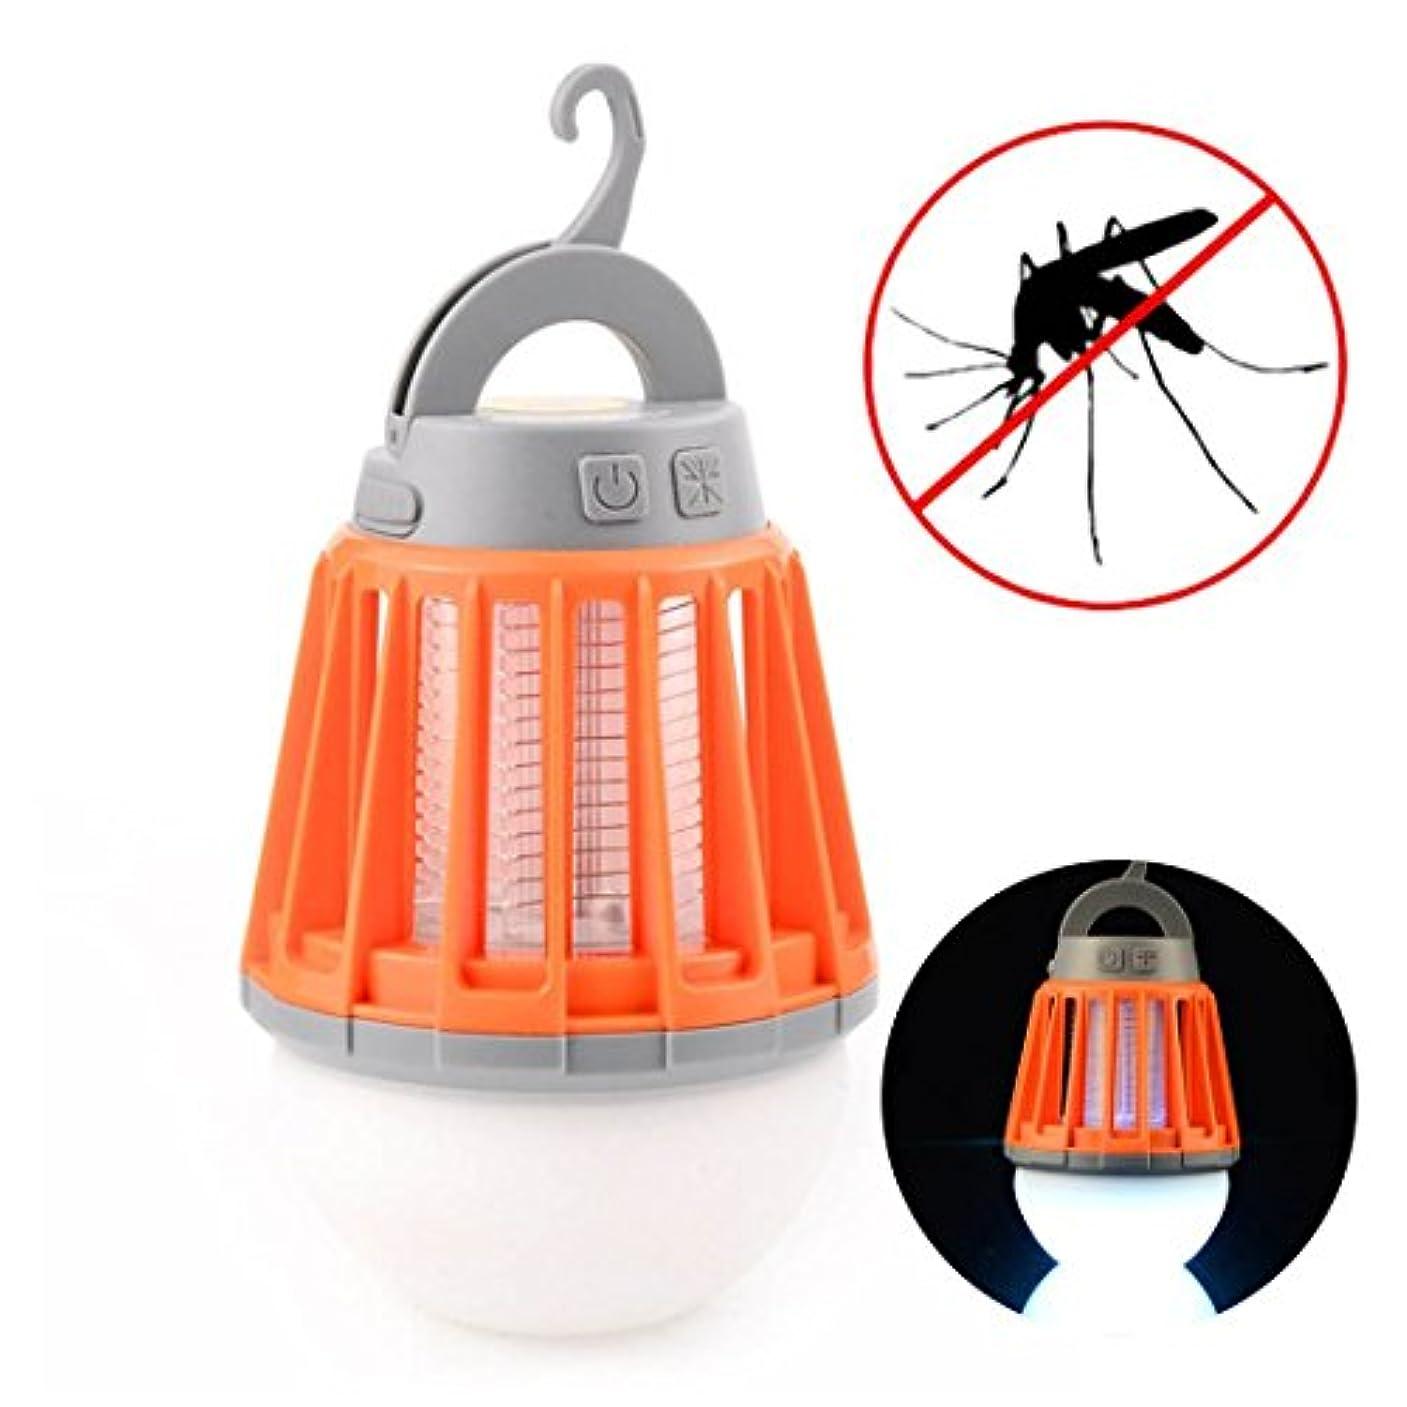 不利益薄い小人電撃殺虫器 LEDランタン TopYart 蚊取りと照明両用 USB充電式 IPX6 防水機能 屋外室内適用 (オレンジ)